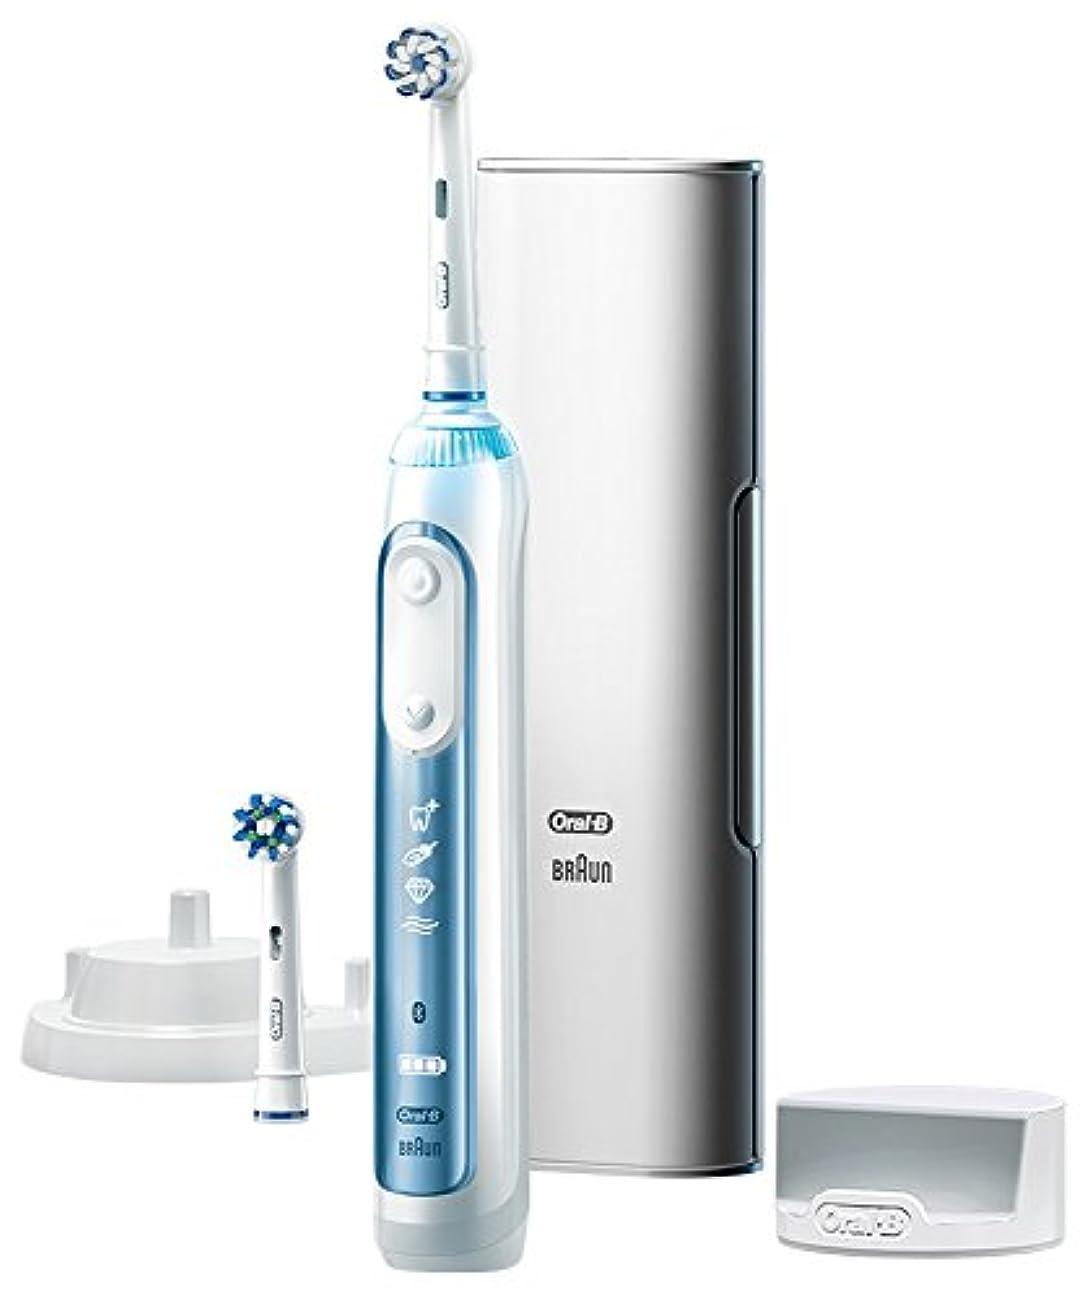 気をつけてフォーマル無謀ブラウン オーラルB 電動歯ブラシ スマート7000 D7005245XP D7005245XP